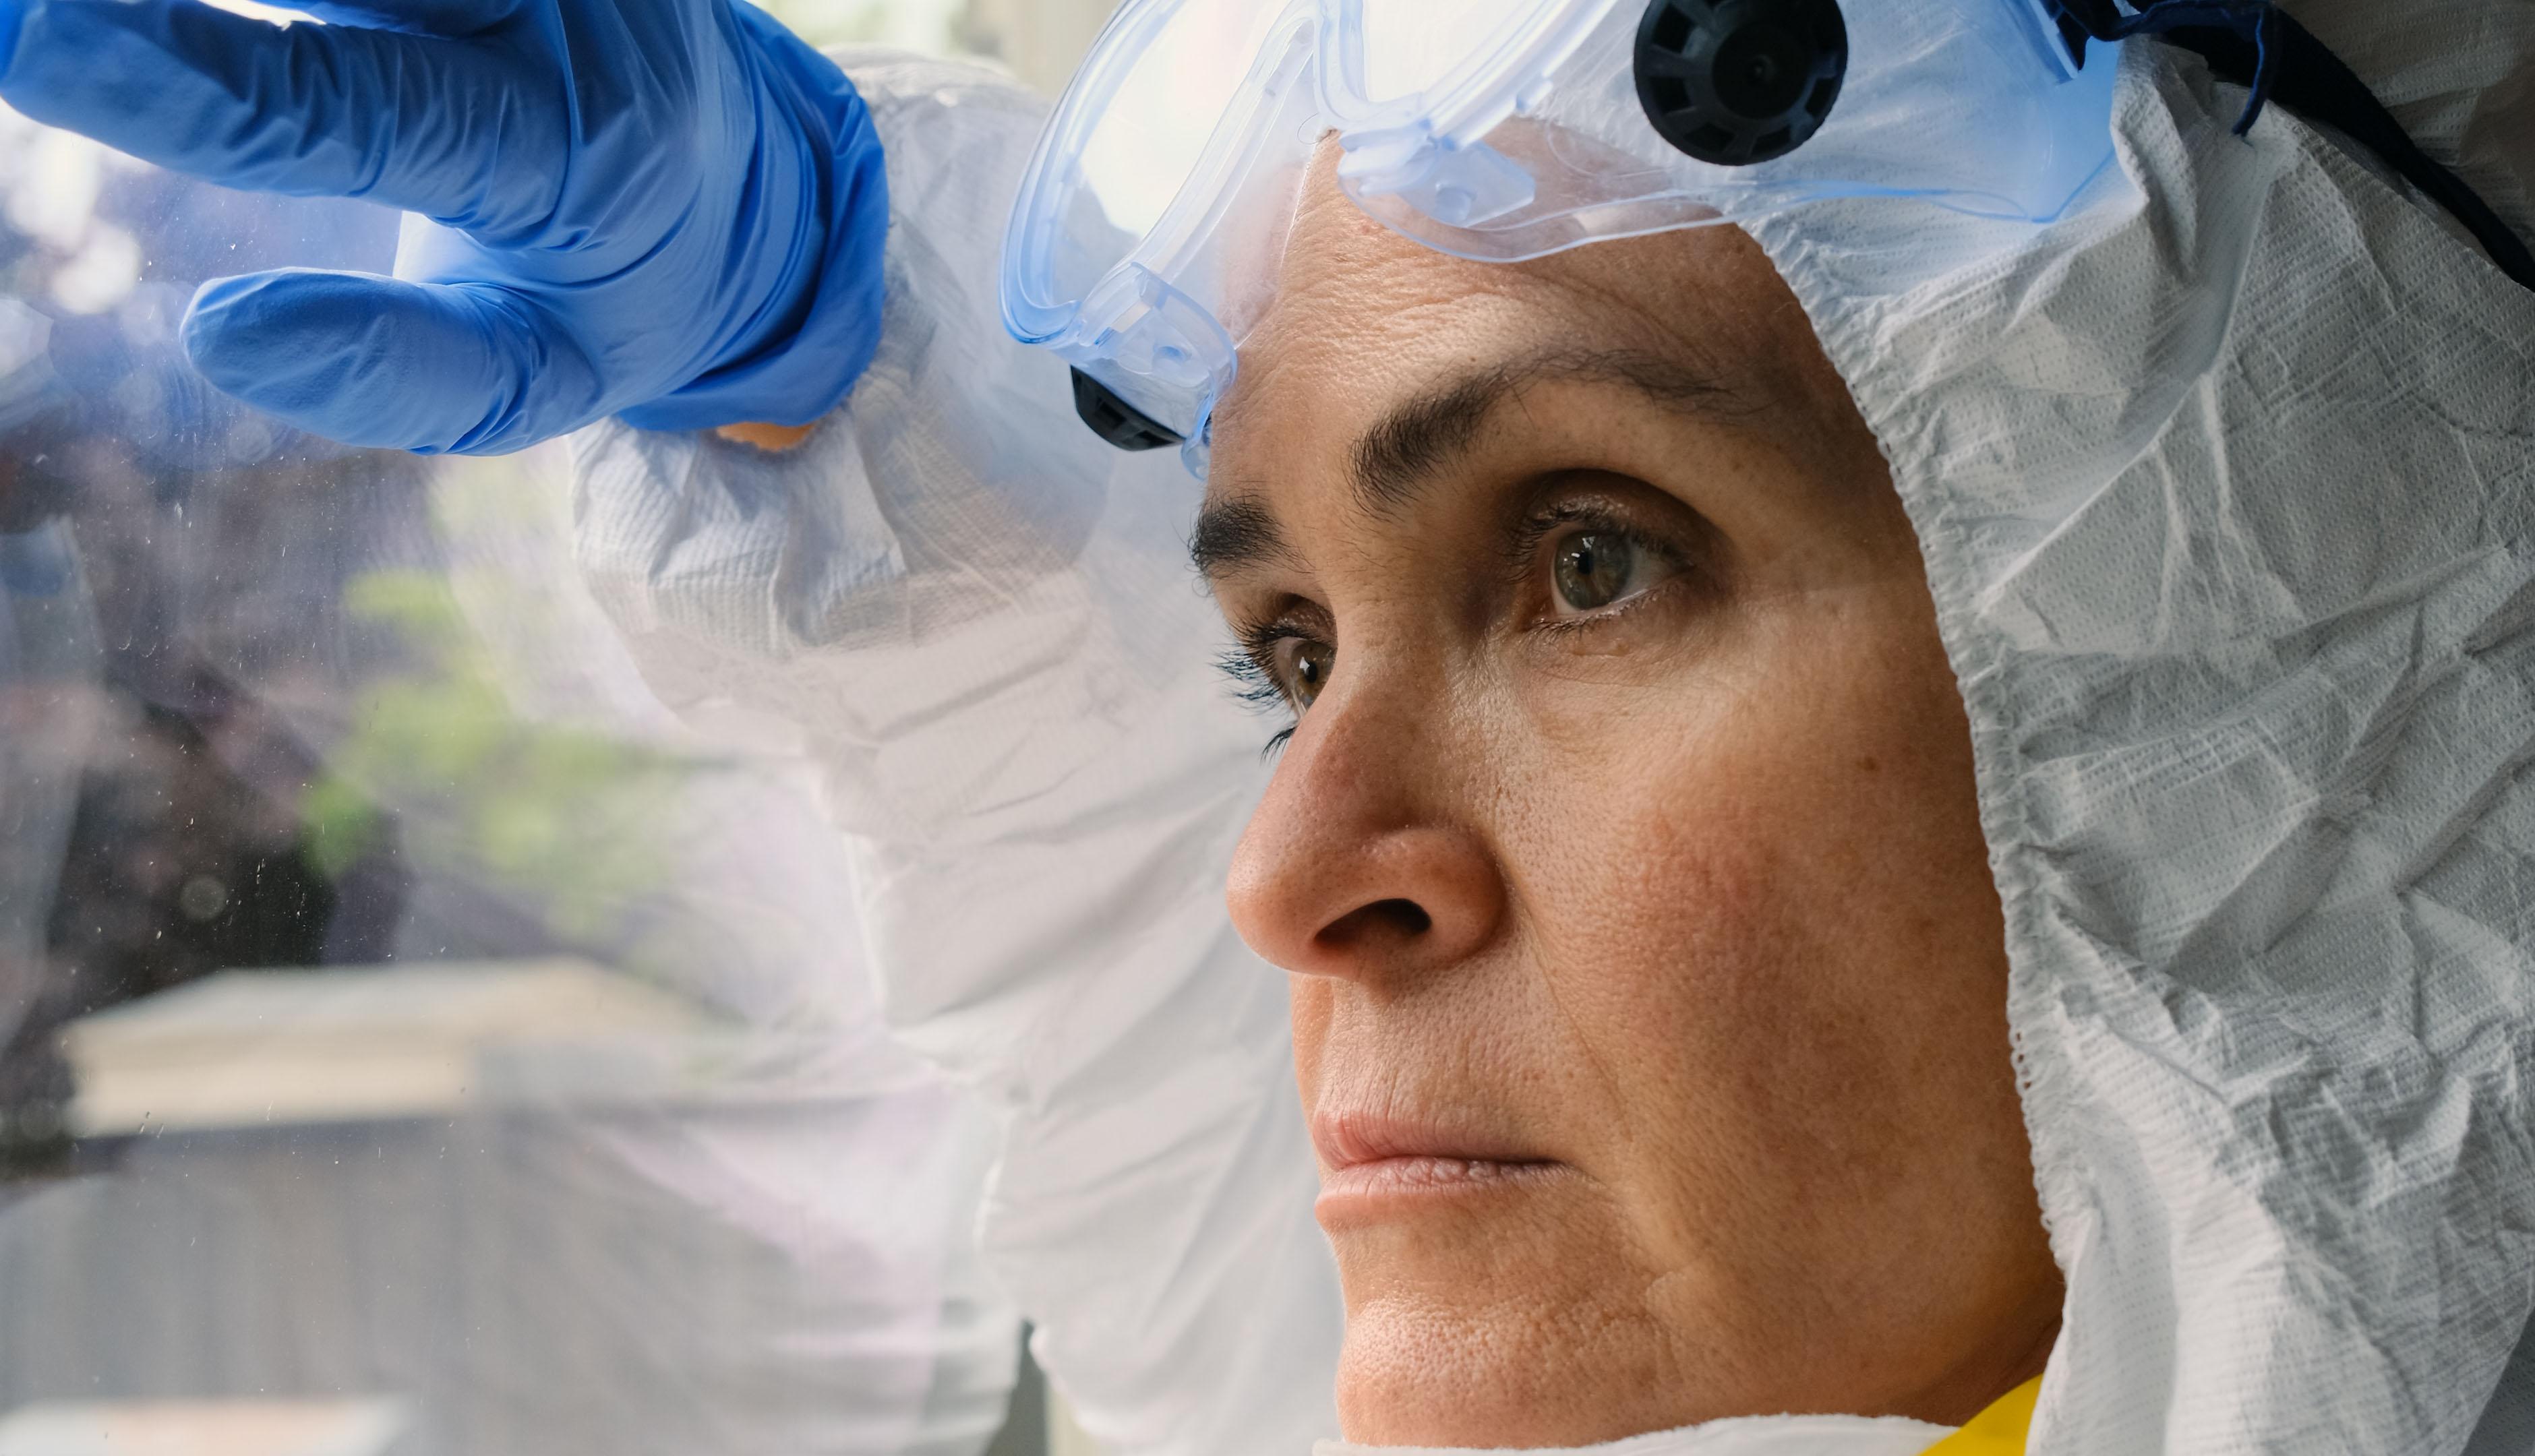 Proveedor de salud usando equipo protector